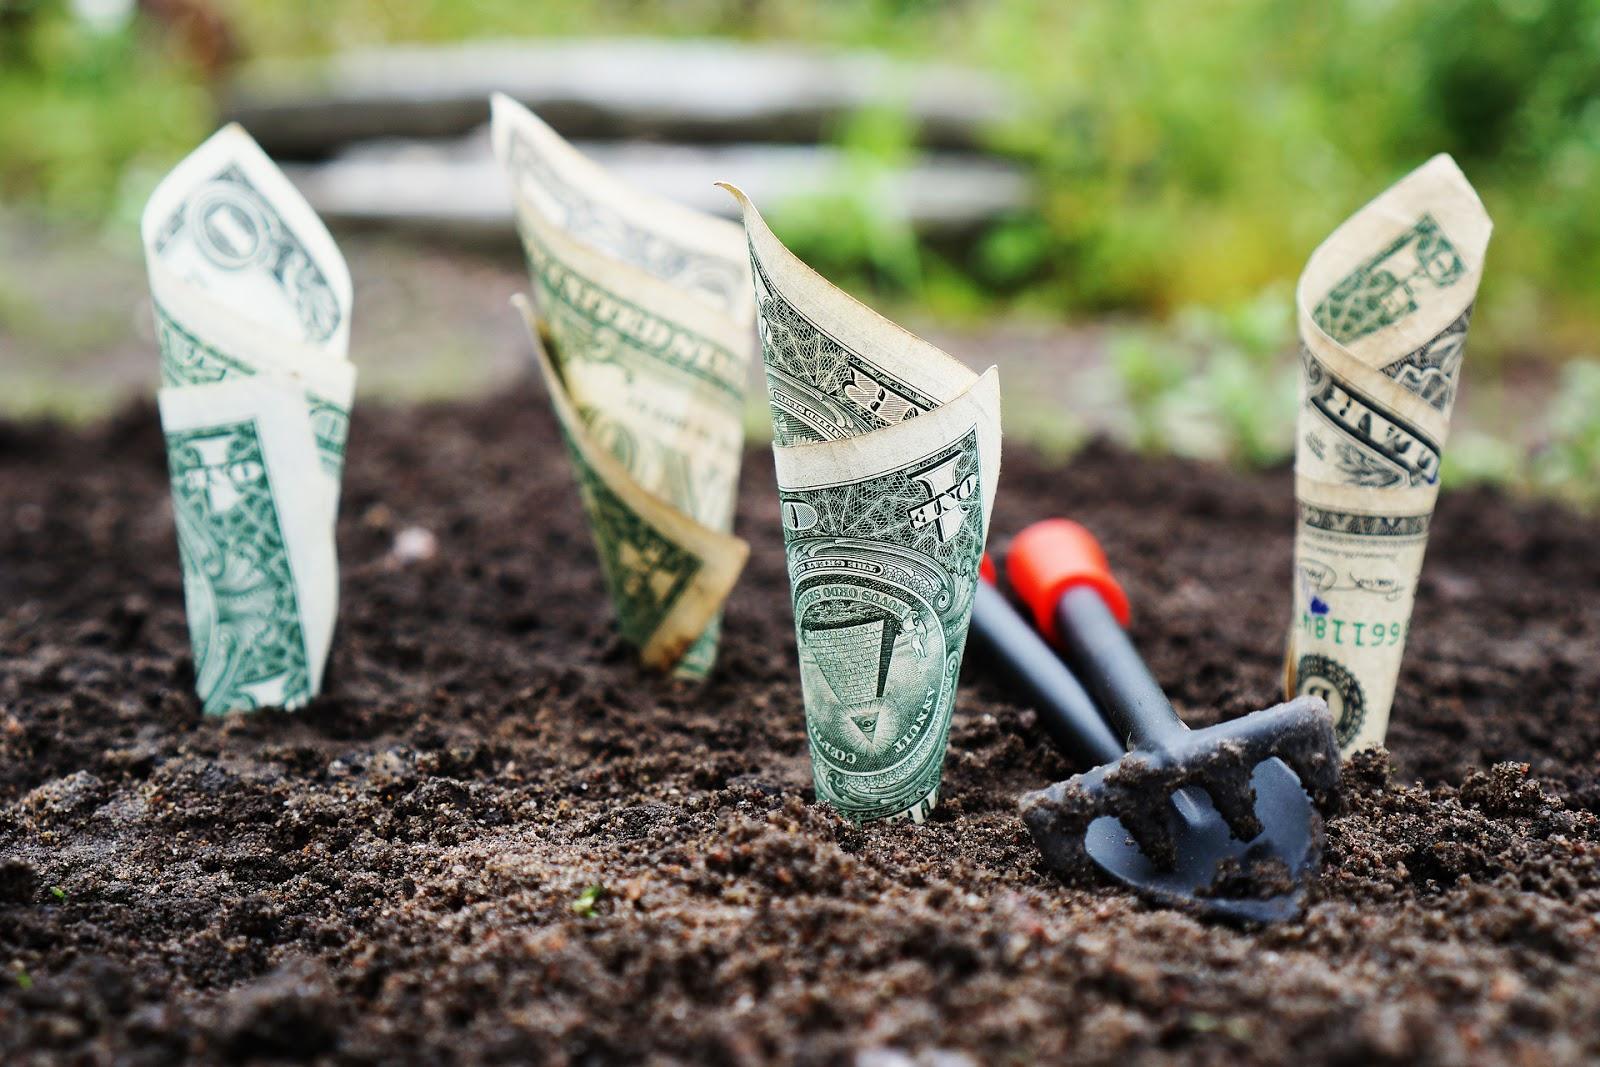 Sijoittaminen vs säästäminen - kumpi on kannattavampaa?